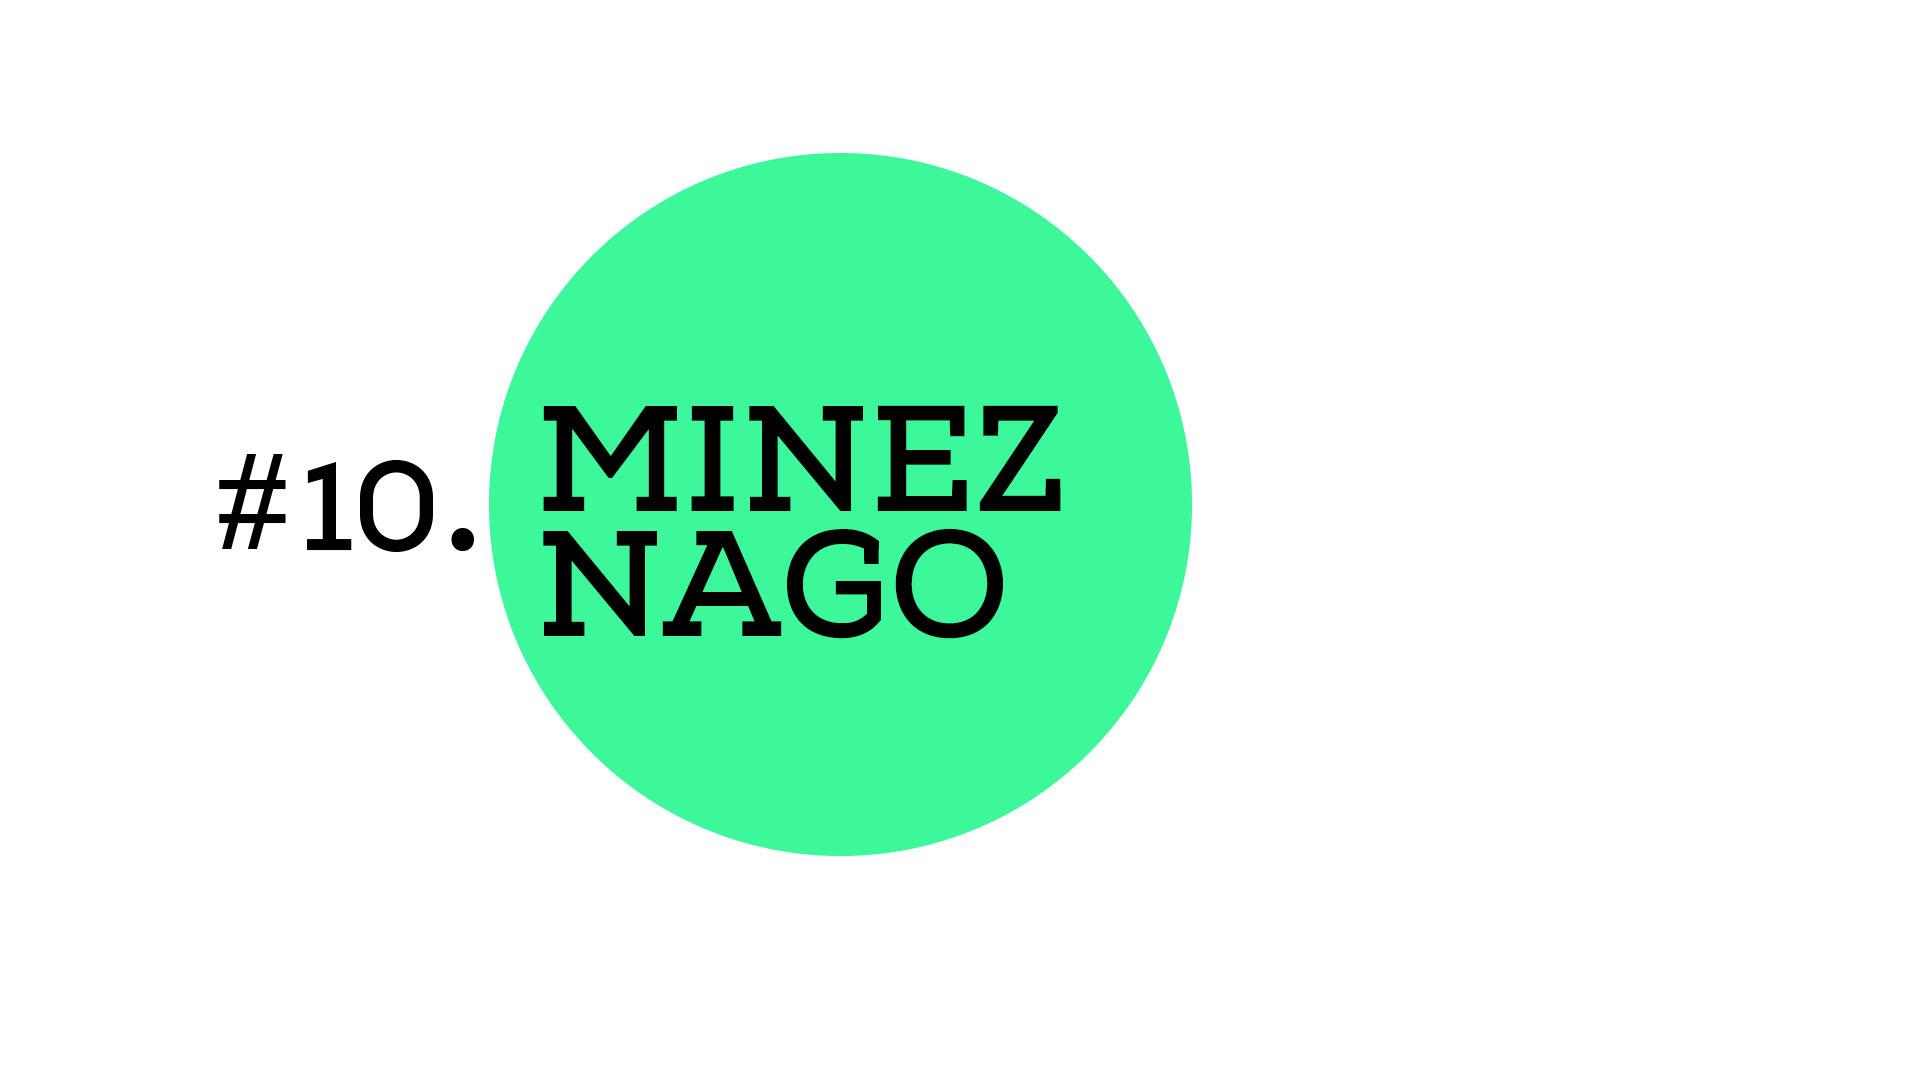 Minez nago (A1E10)